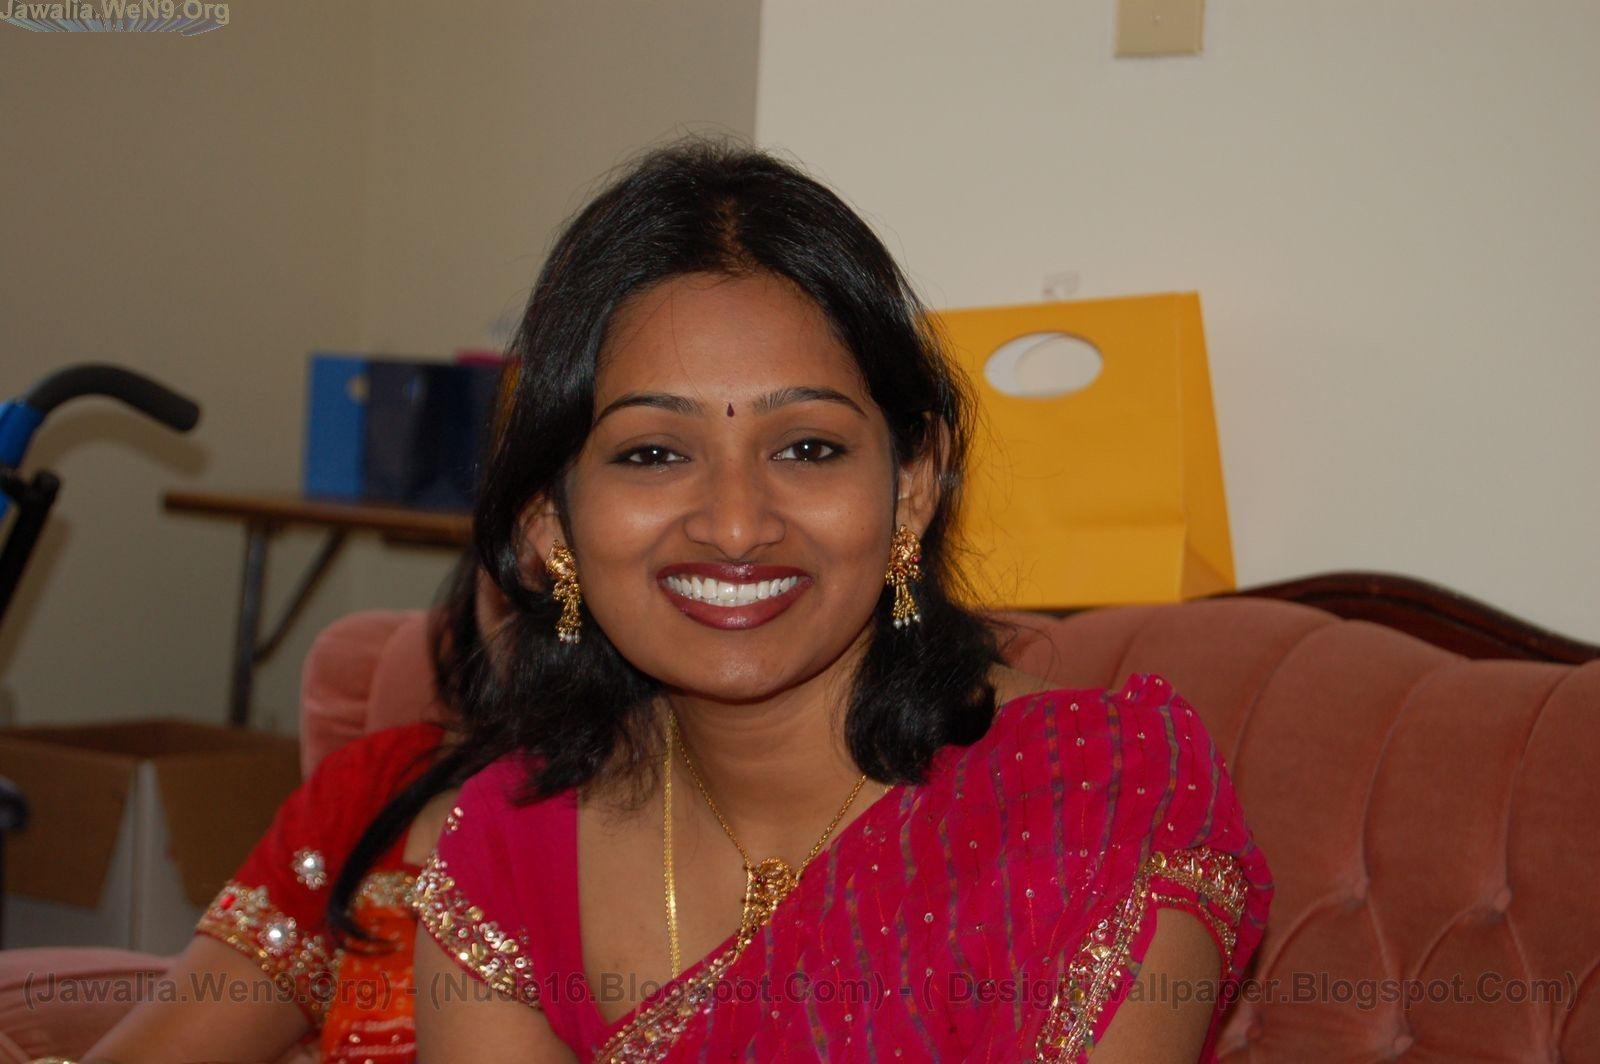 Indias No-1 Desi Girls Wallpapers Collection: CUTE DESI